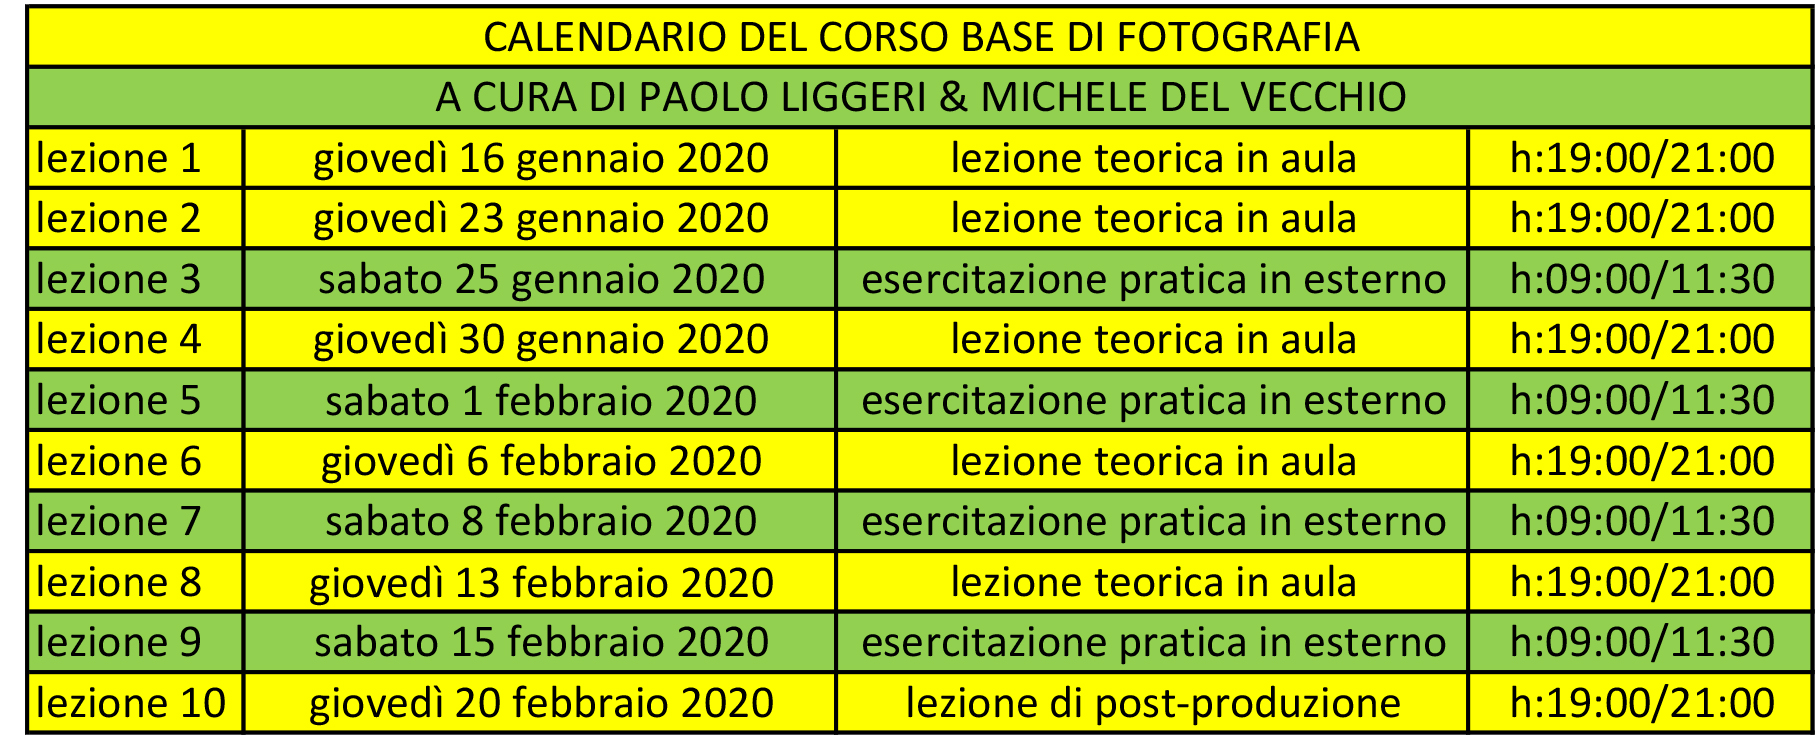 calendario del corso base di fotografia a Napoli 2020